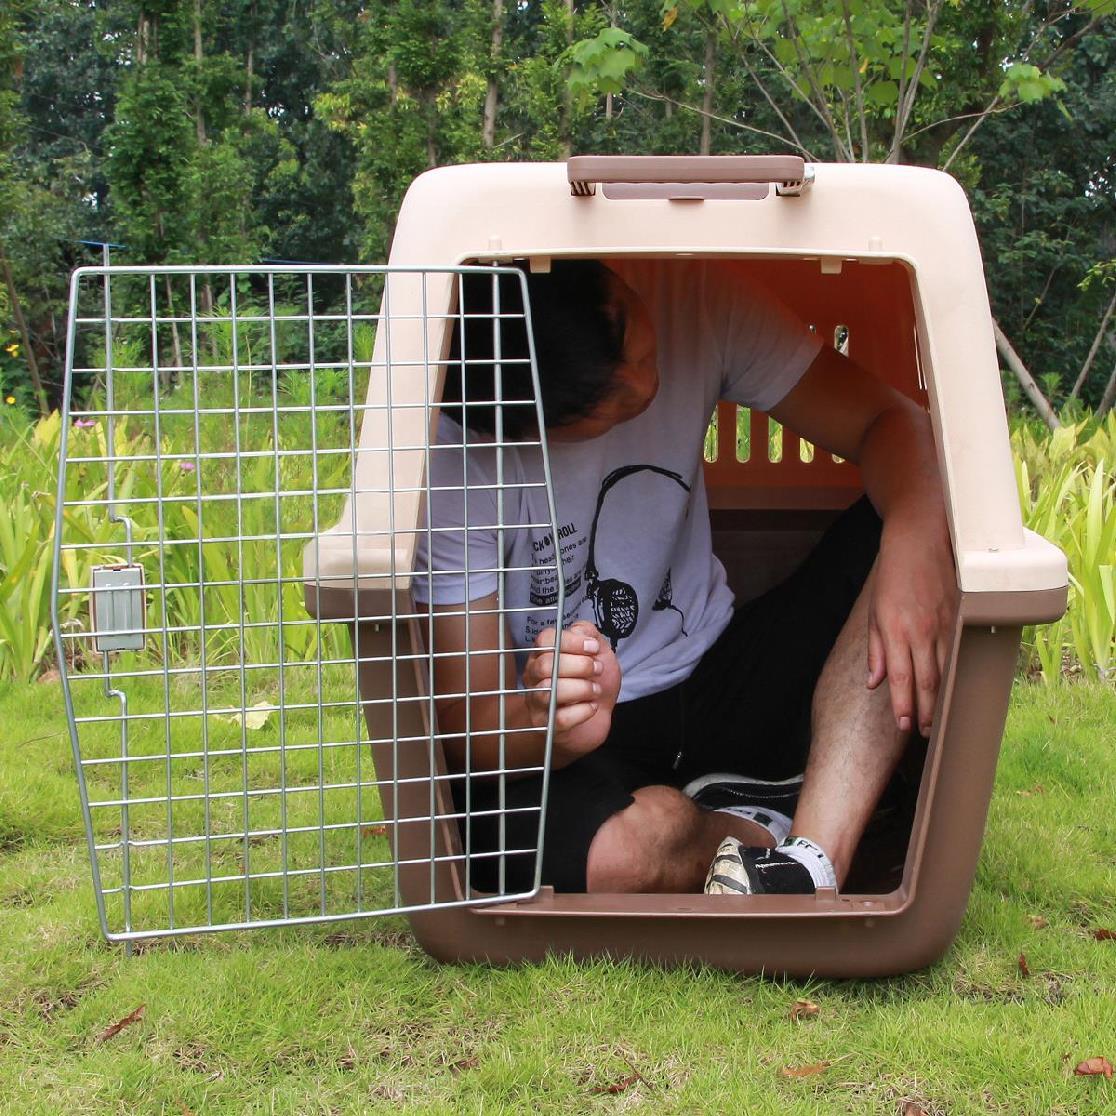 宠物运输箱航空猫狗笼托运携带包空运箱托运箱万向轮大号中型新款